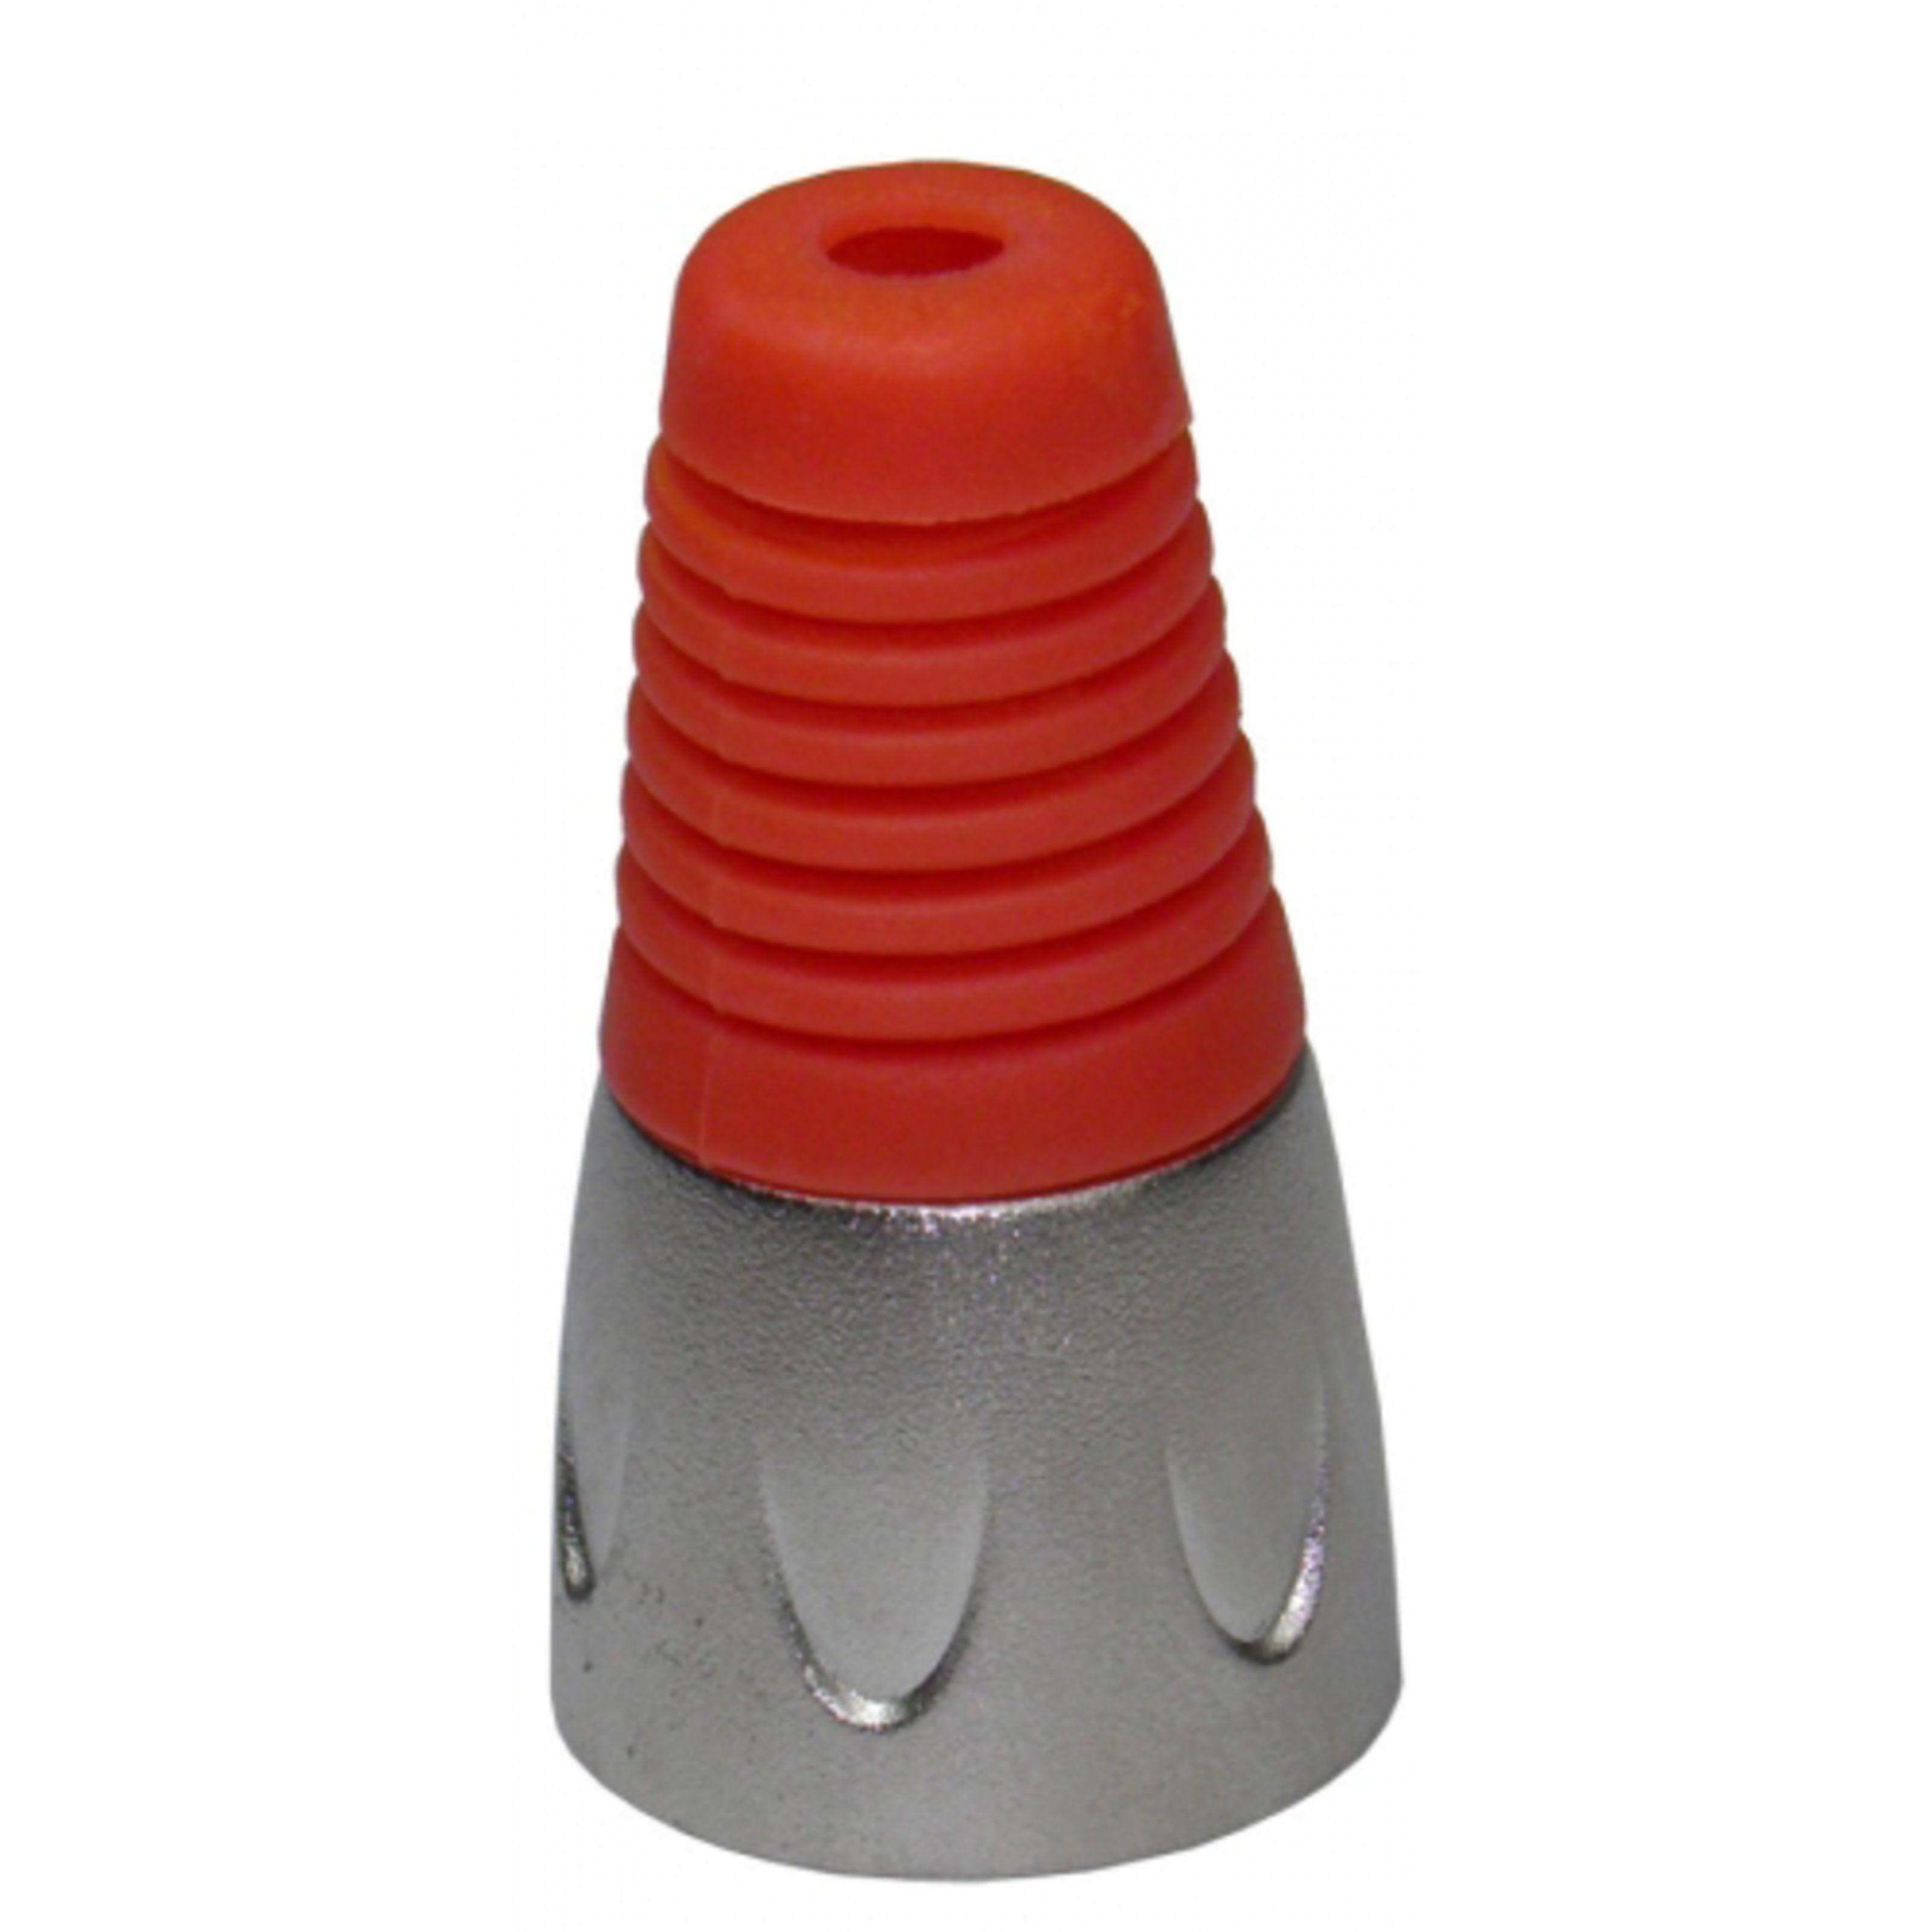 Schulzkabel - Farbkappe rot für Schulz XLR S 677